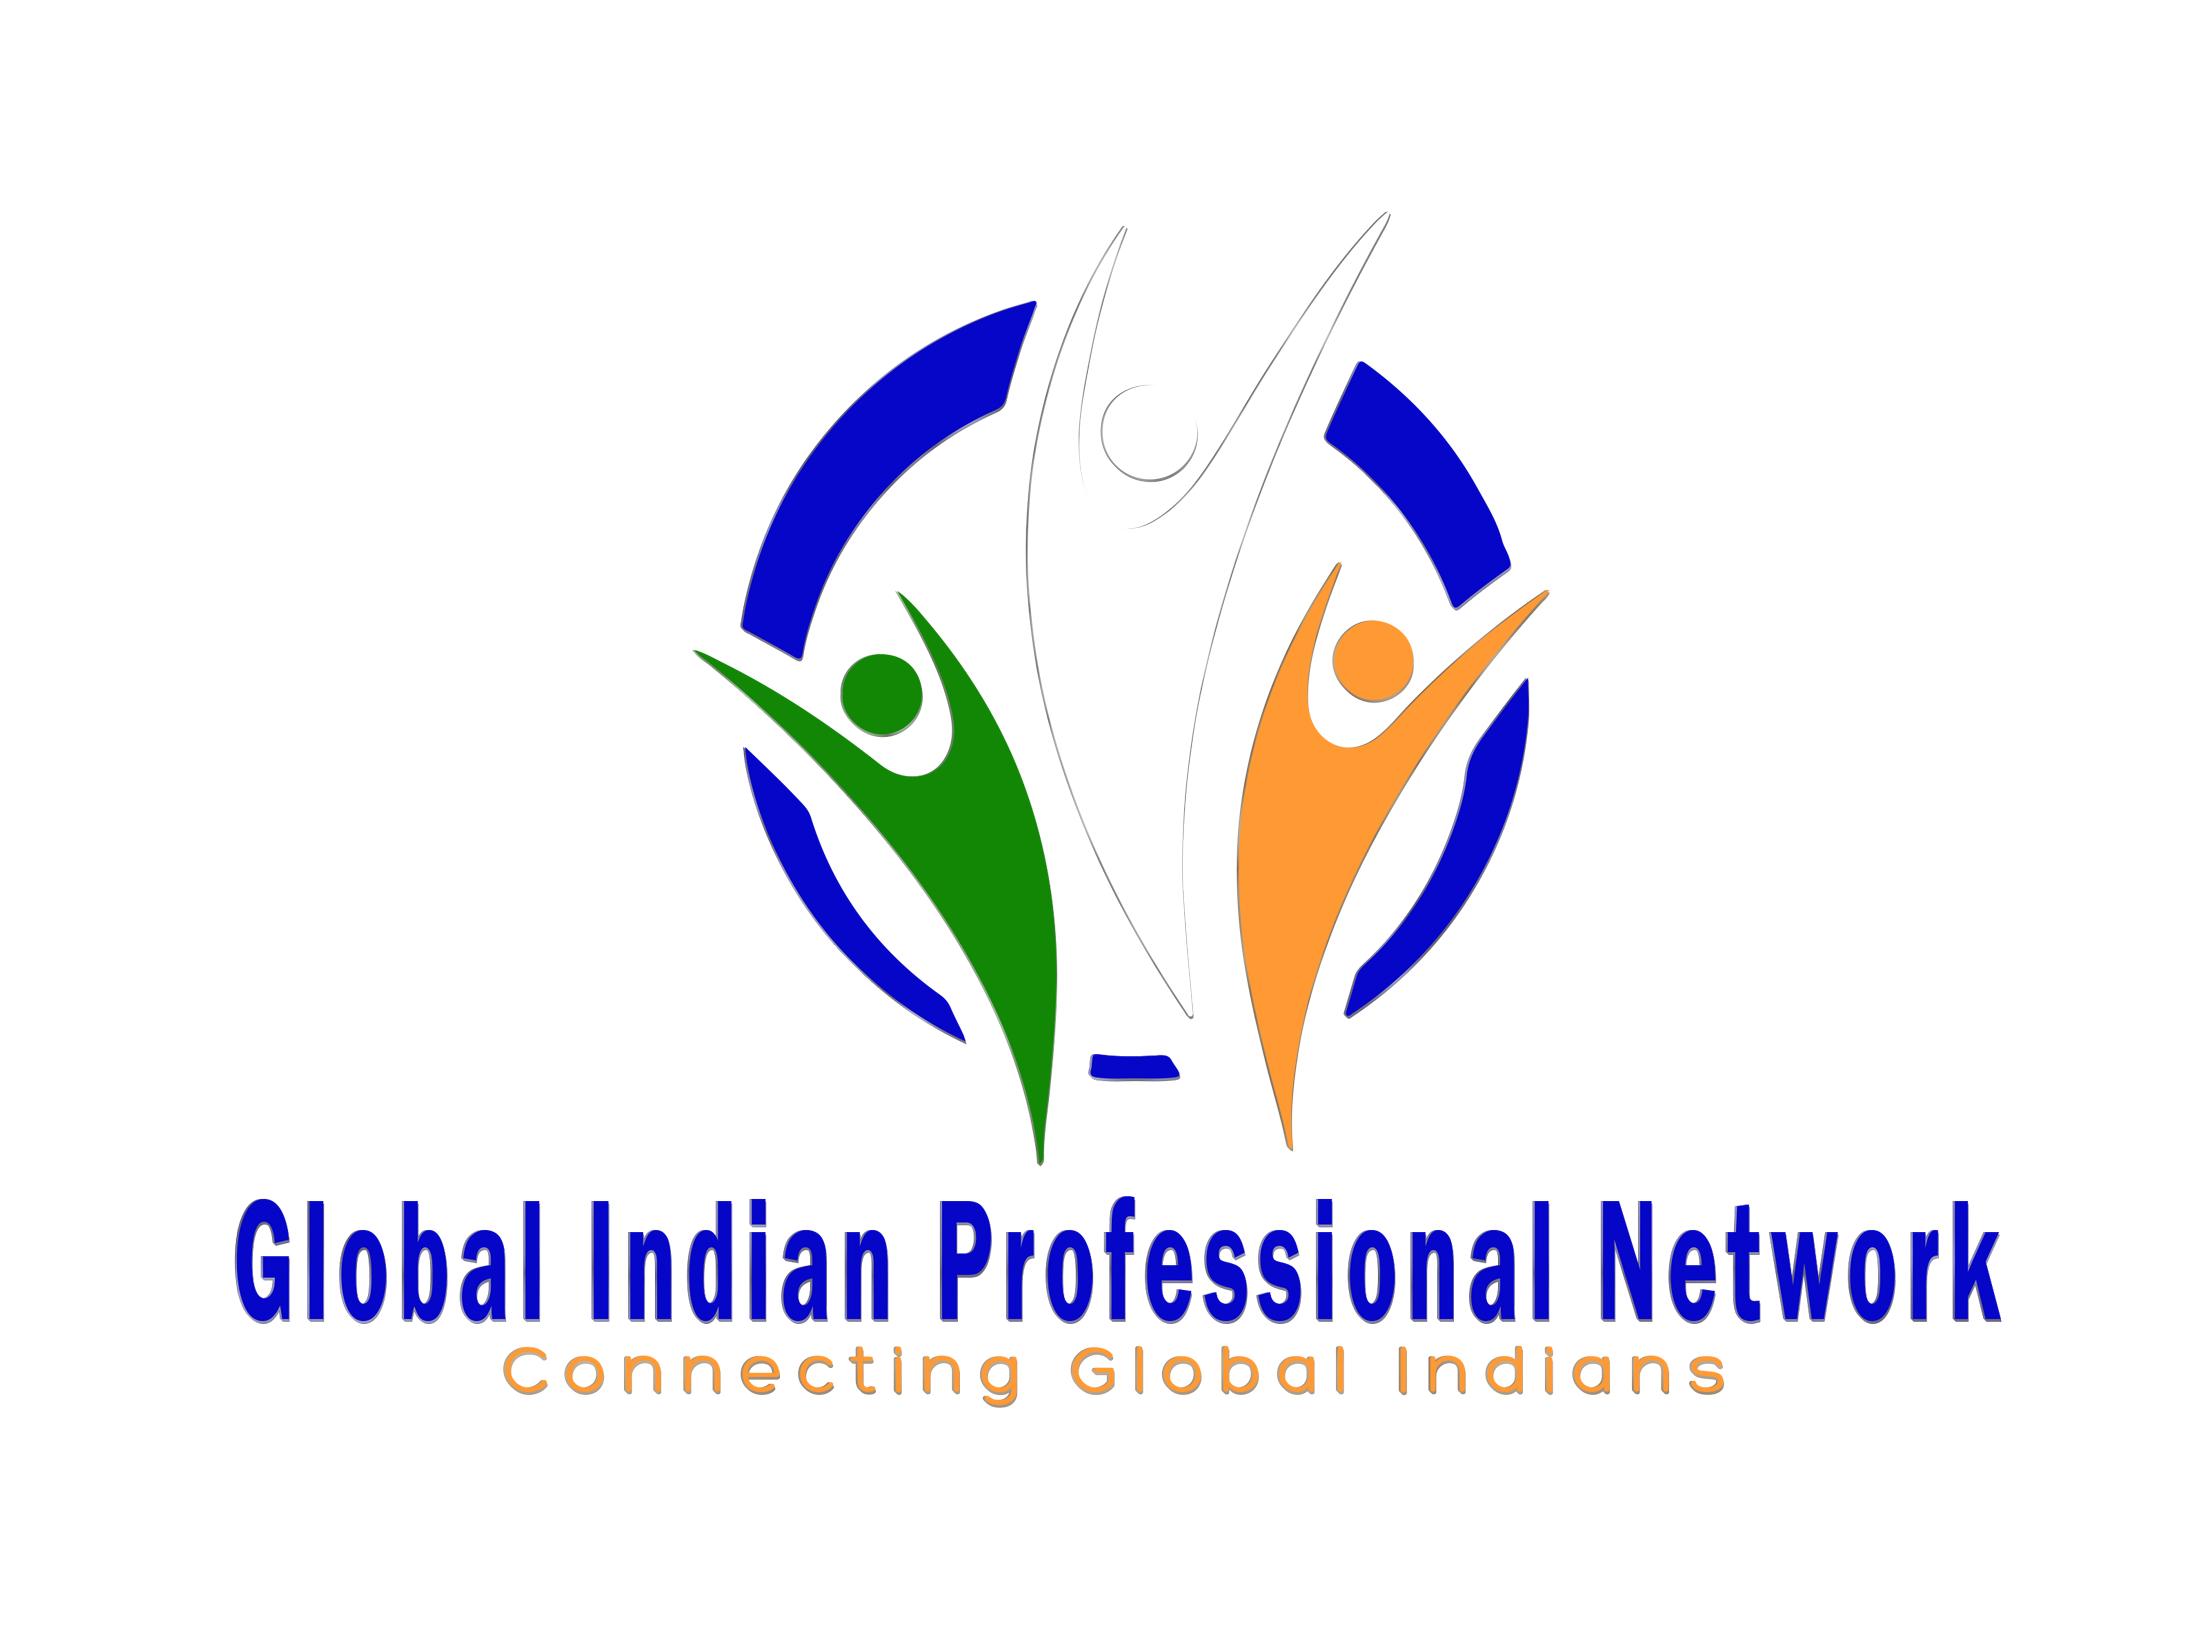 GIPN logo